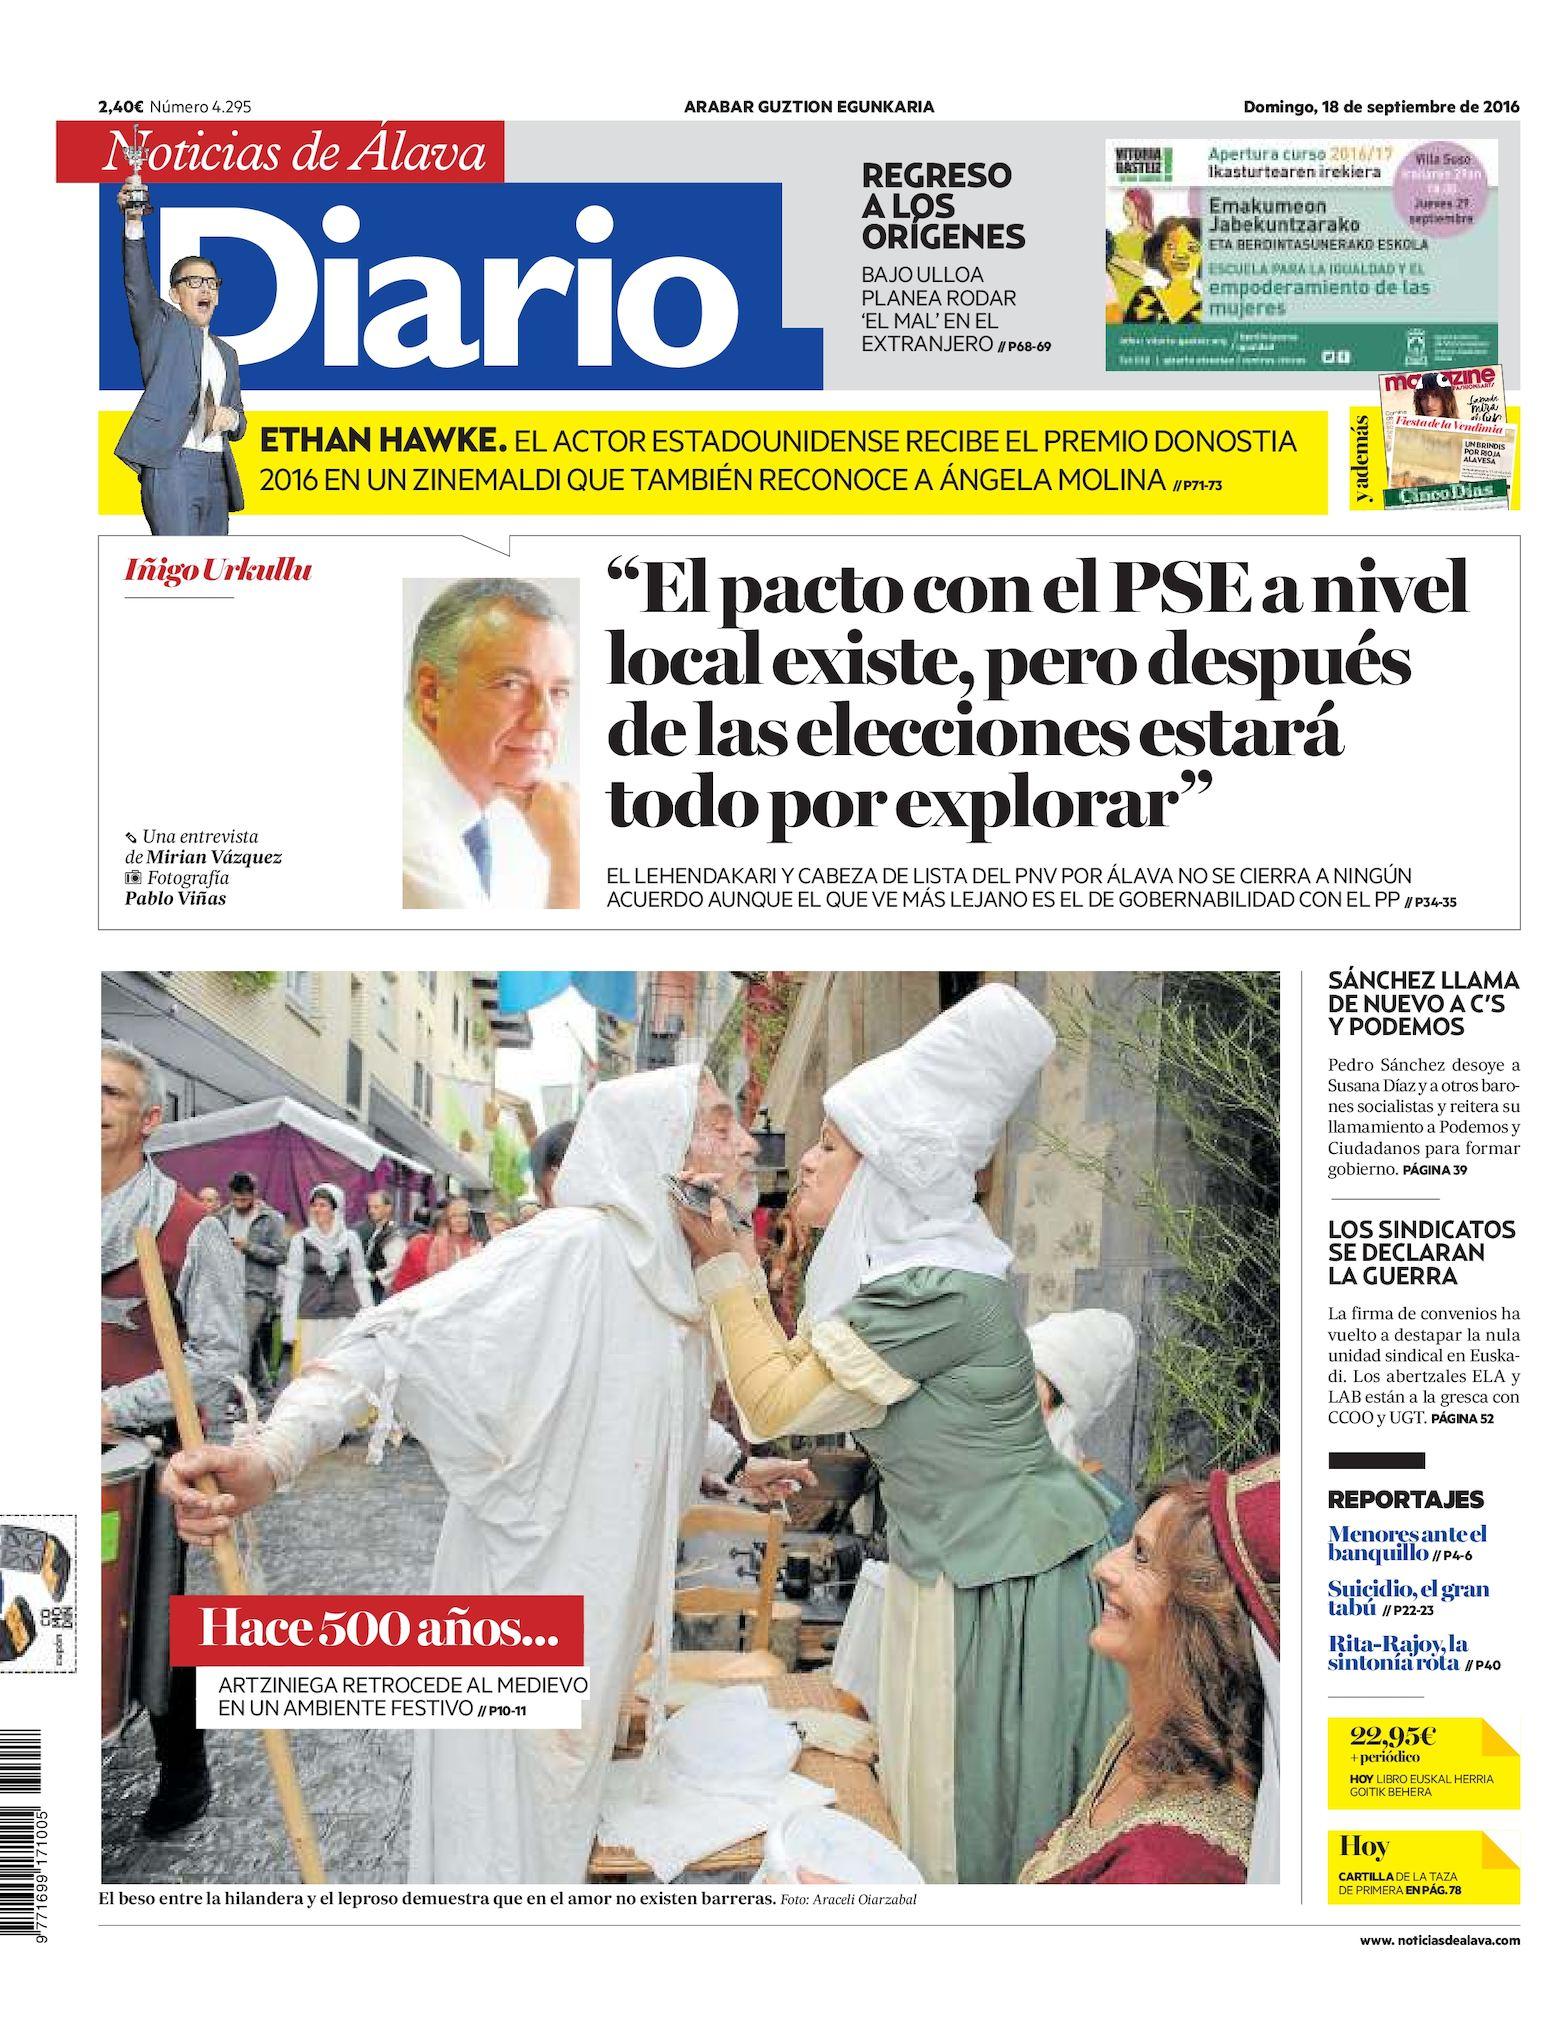 6ae0d2366 Calaméo - Diario de Noticias de Álava 20160918